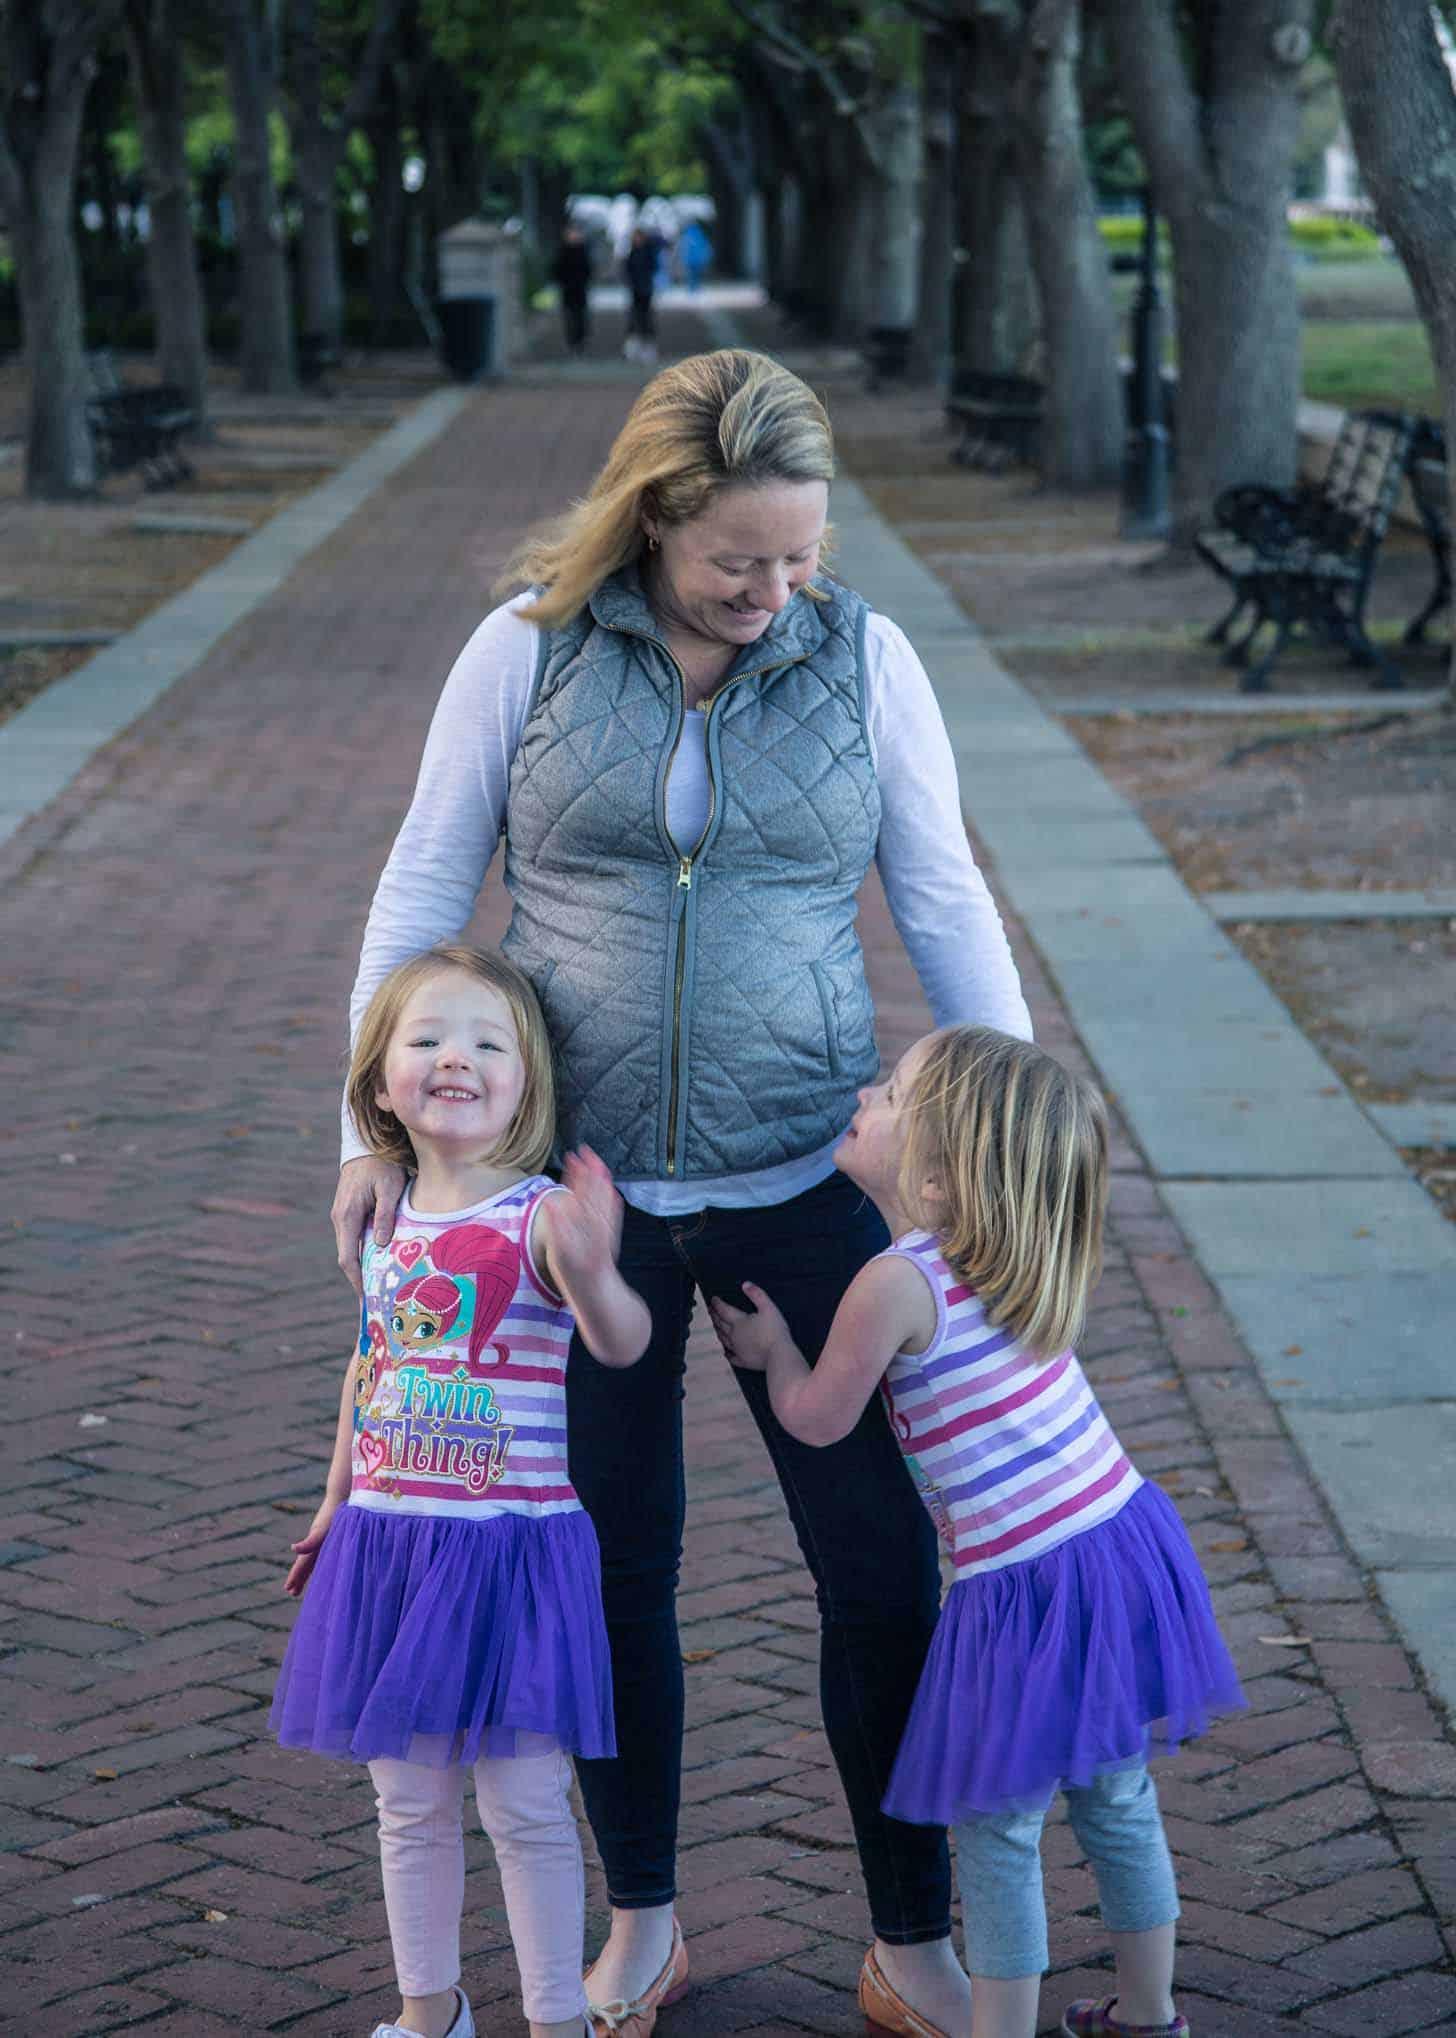 Jess, Molly and Clara on a brick tree-lined path